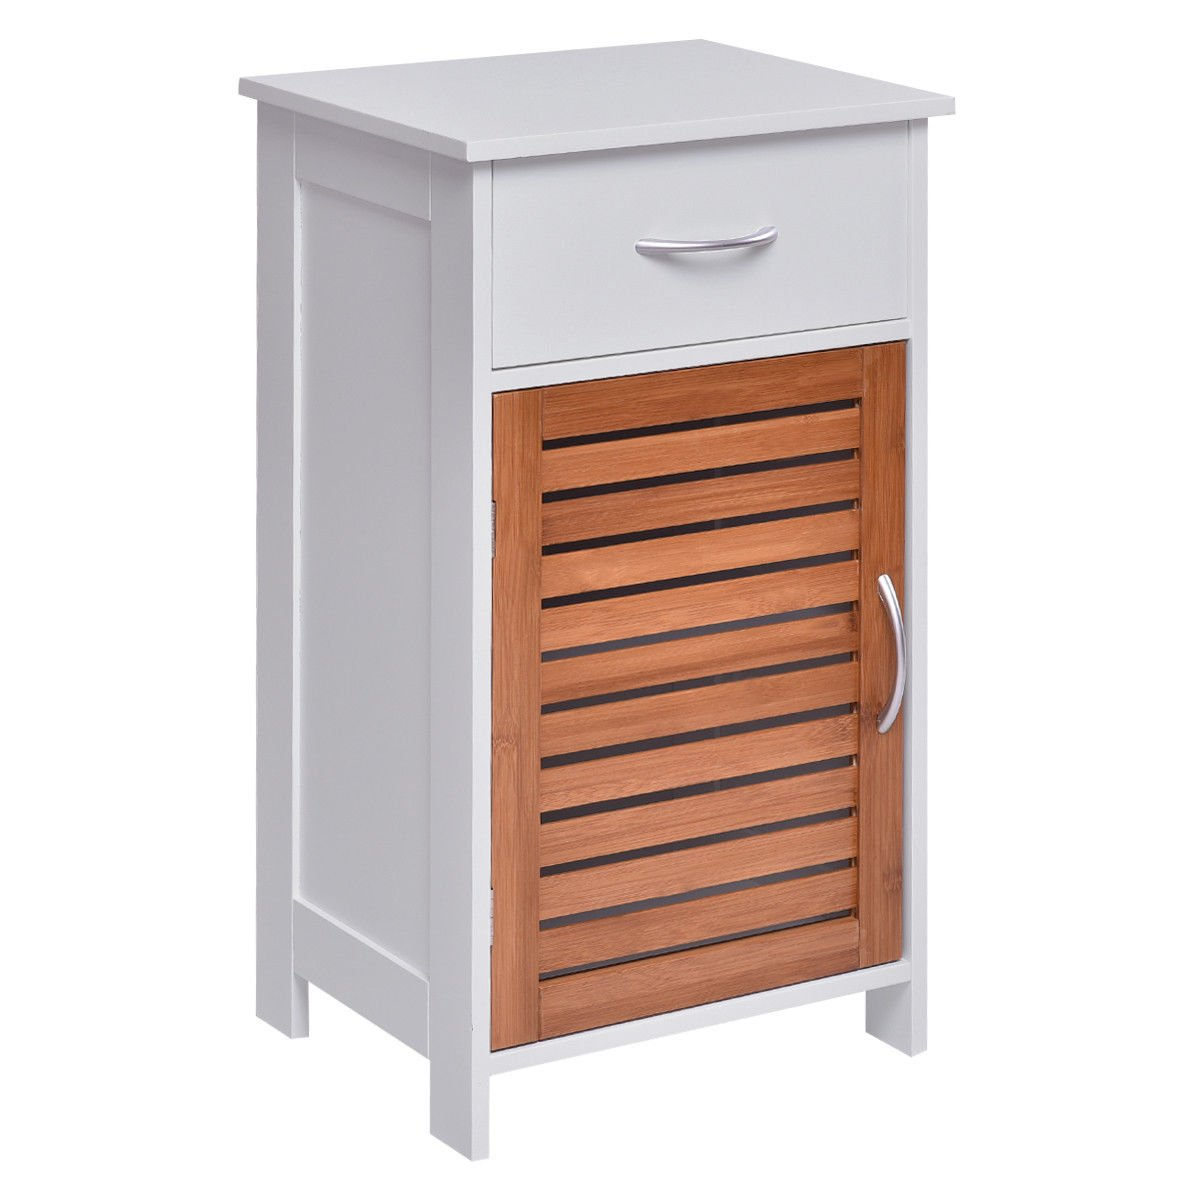 New White&Orange Floor Cabinet Standing Storage Wall Shutter Door Bathroom Organizer